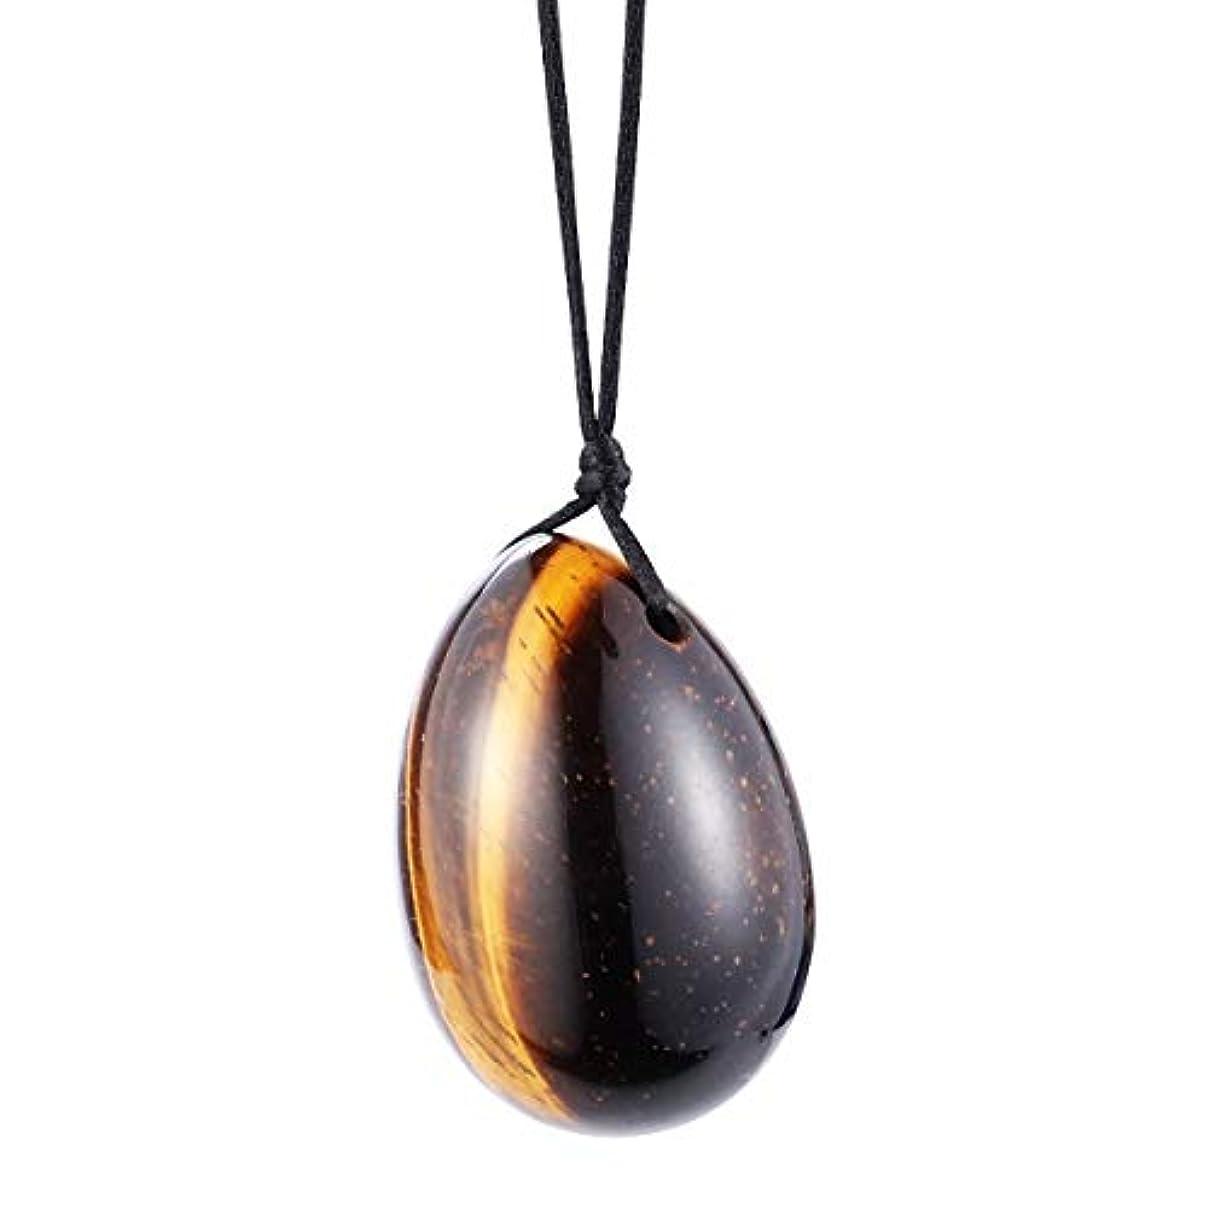 SUPVOX クリスタルクォーツ玉卵ケーグル運動骨盤底筋膣運動ヨニ卵ヘルスケア用女性ギフト